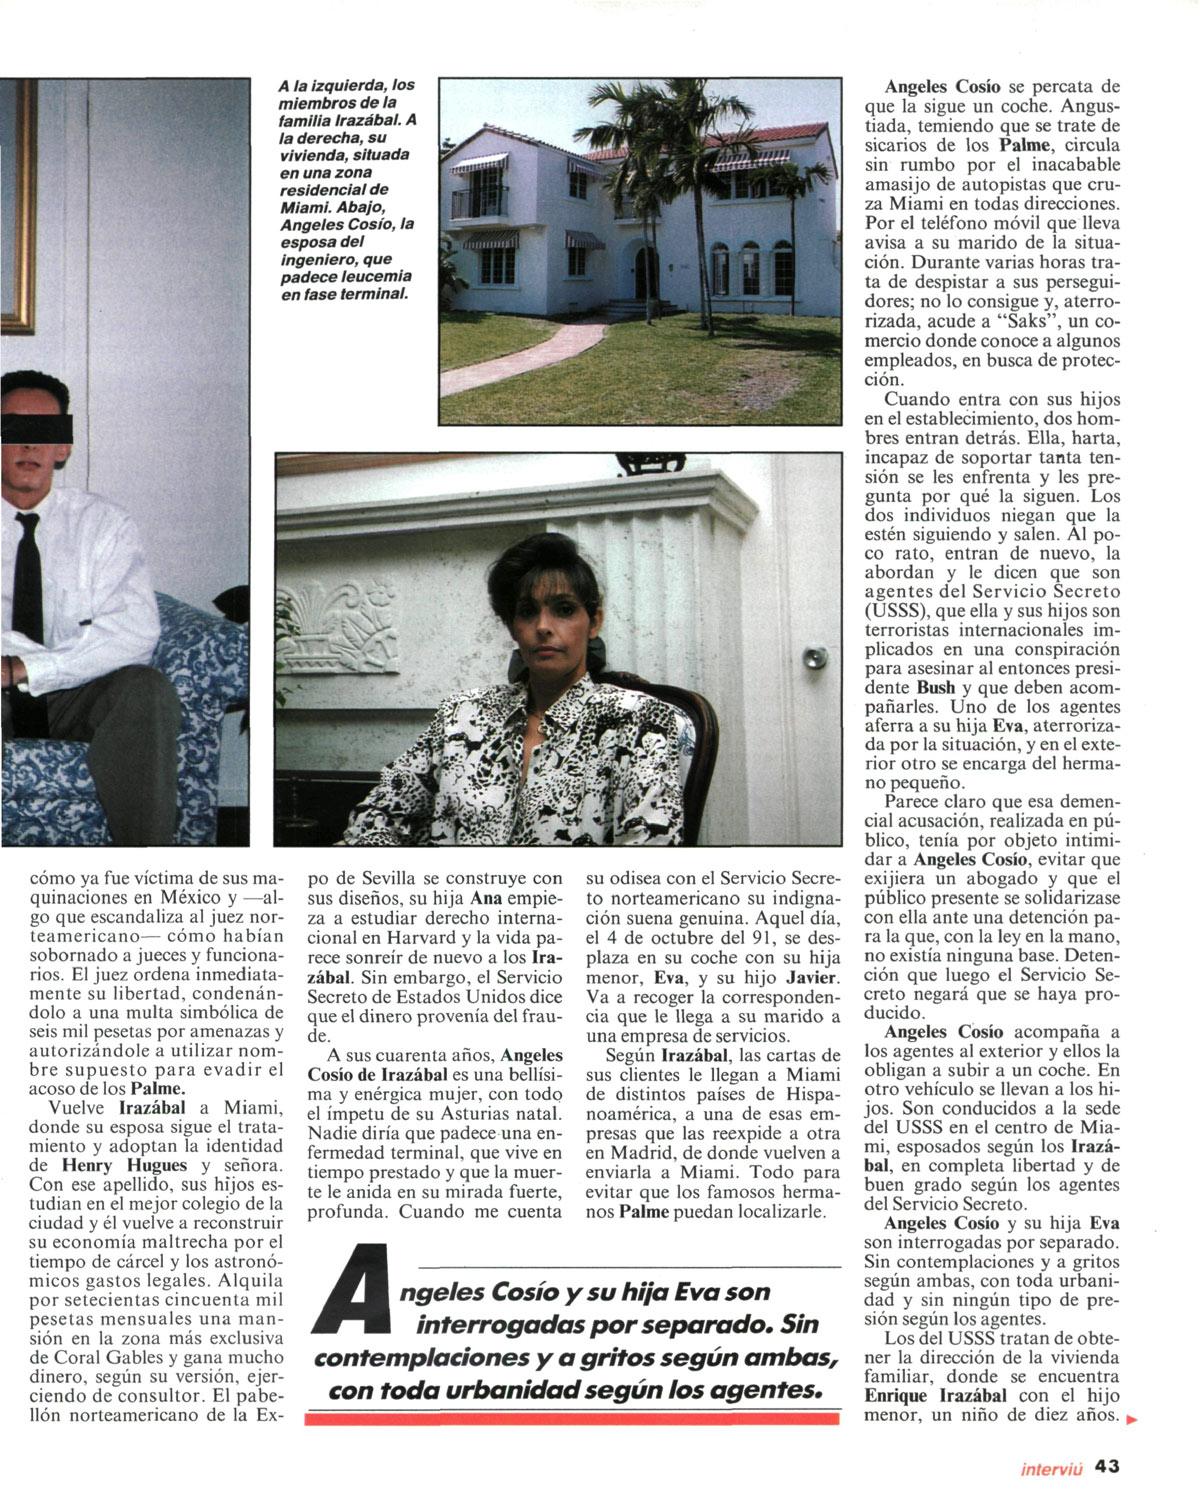 Interviú - página 4